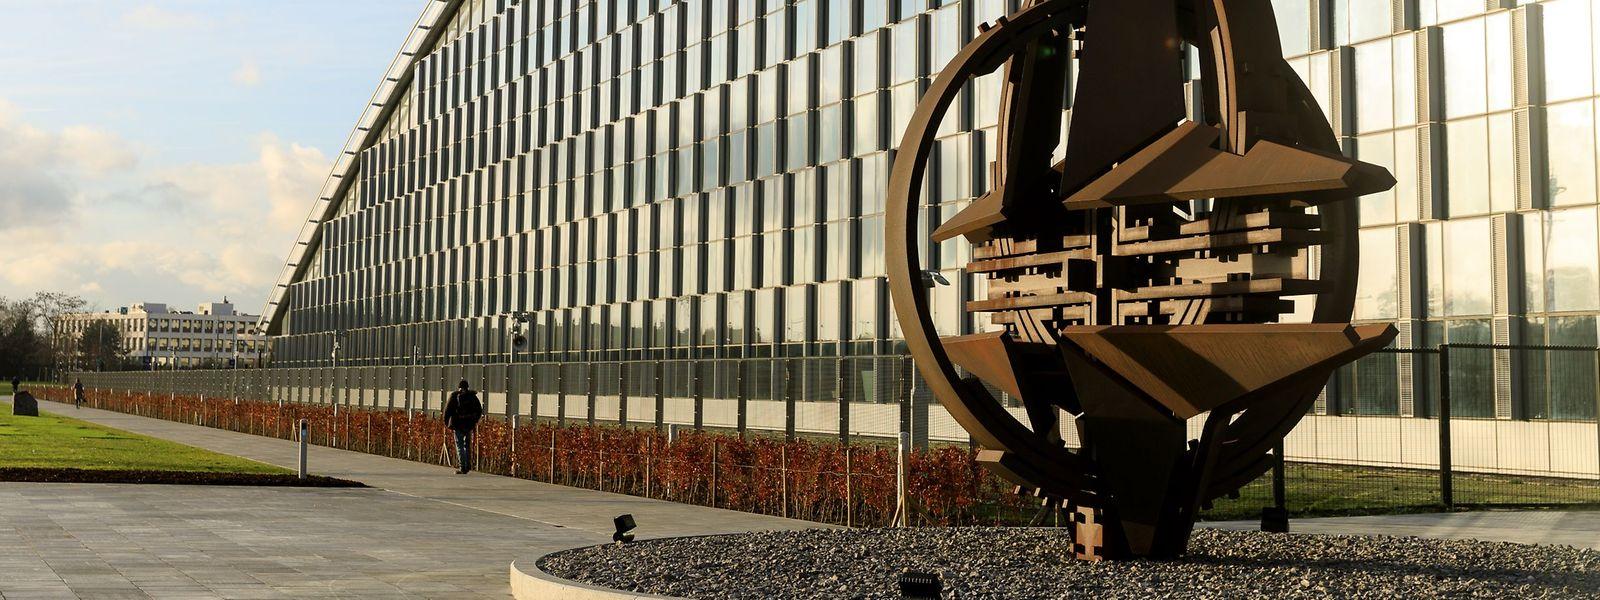 Das Hauptquartier der Nato in Brüssel. Deutschland wird künftig einen genauso hohen Anteil an den Gemeinschaftskosten der Nato tragen wie die USA.